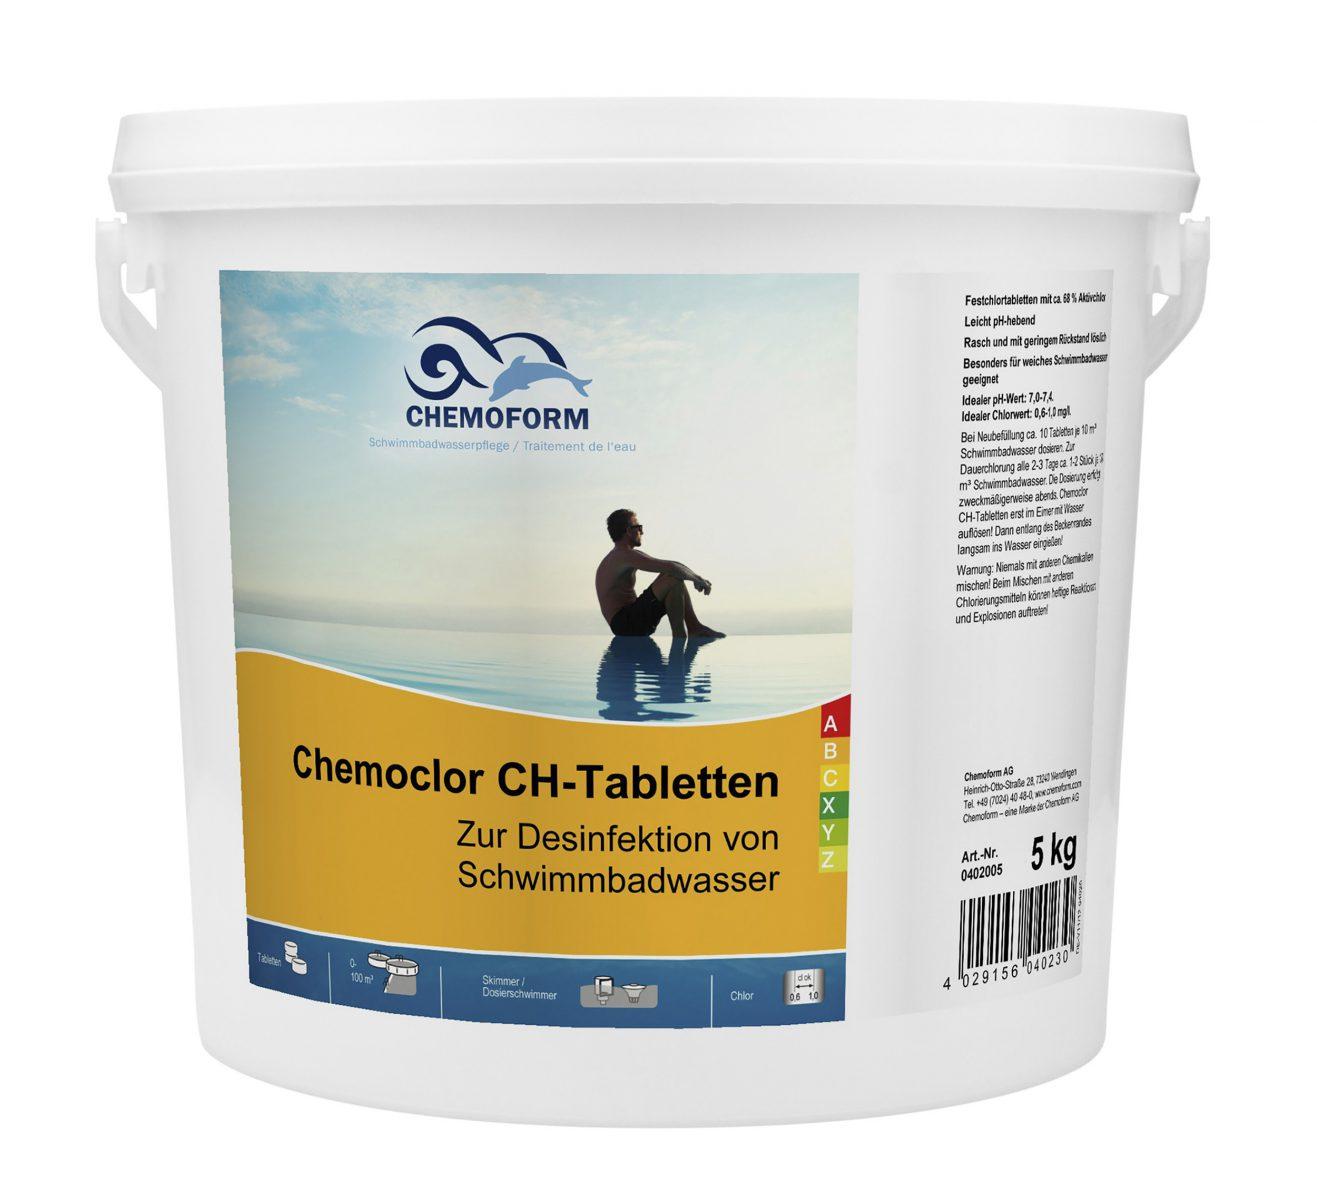 Хлор в таблетках для дезинфекции воды в бассейне и питьевой воды Кемохлор СН